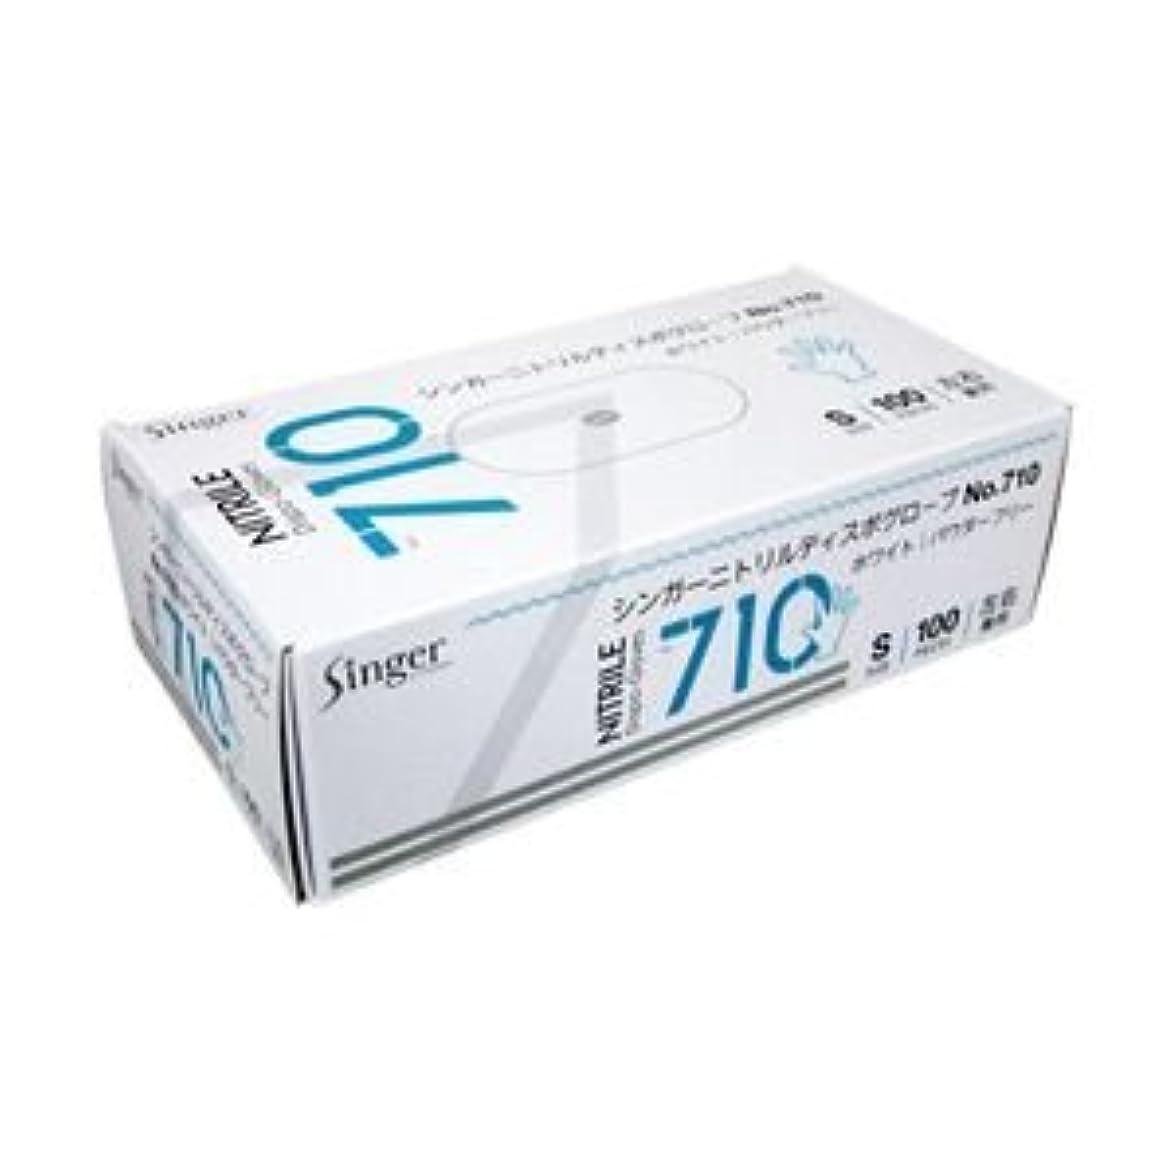 ミット燃やす補う宇都宮製作 ニトリル手袋710 粉なし S 1箱(100枚) ×5セット